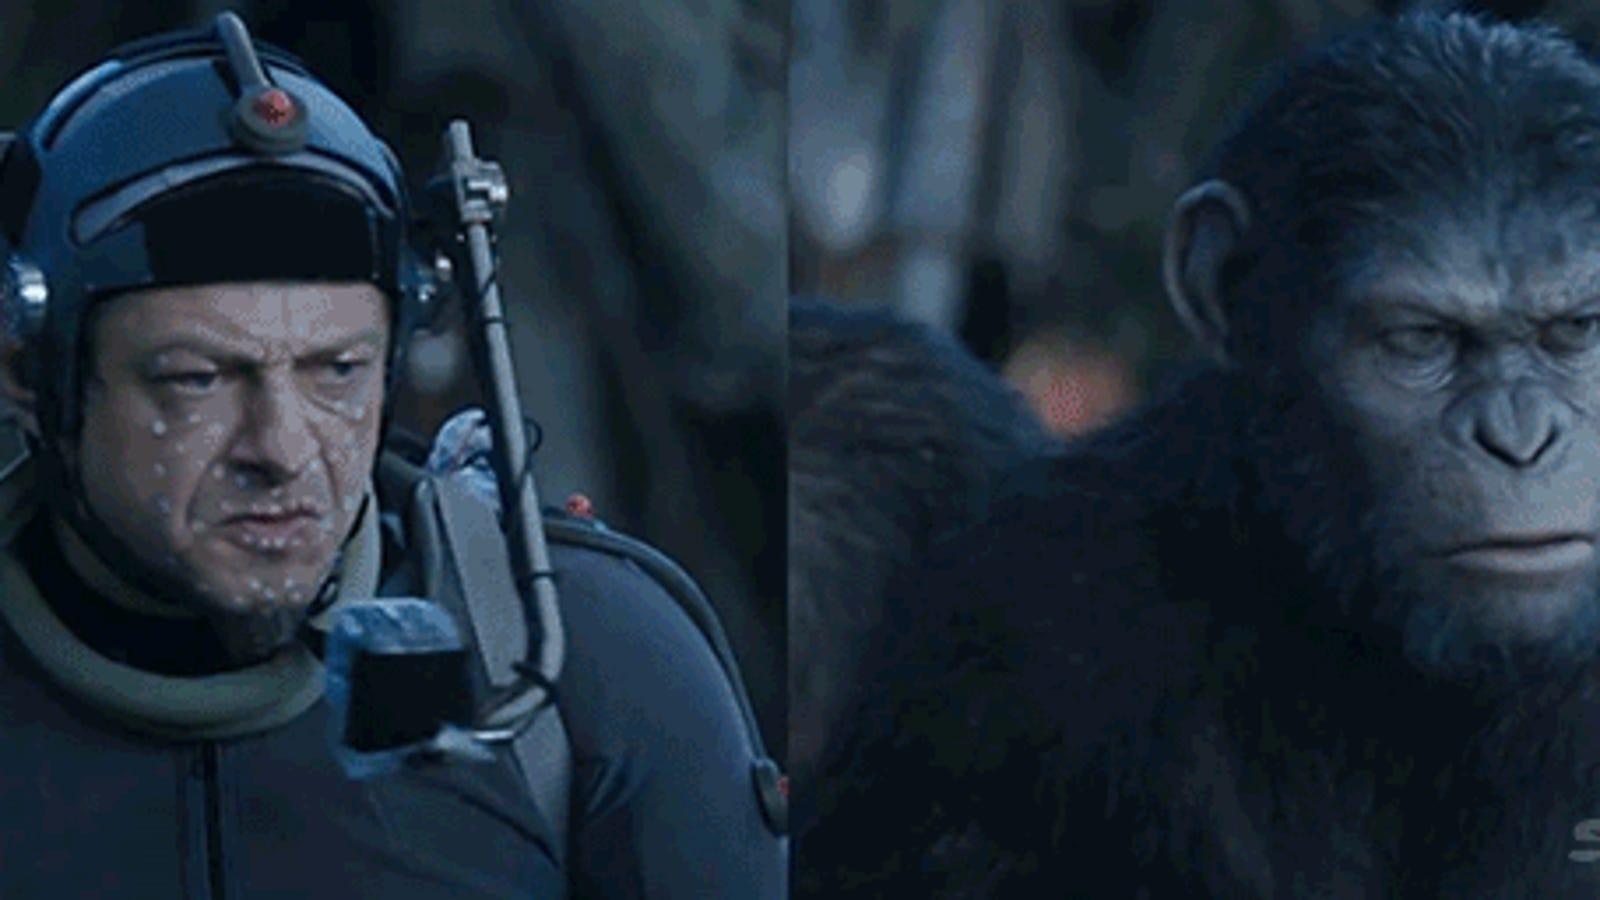 Captura de gestos y CGI, así se hizo Dawn of the Planet of the Apes